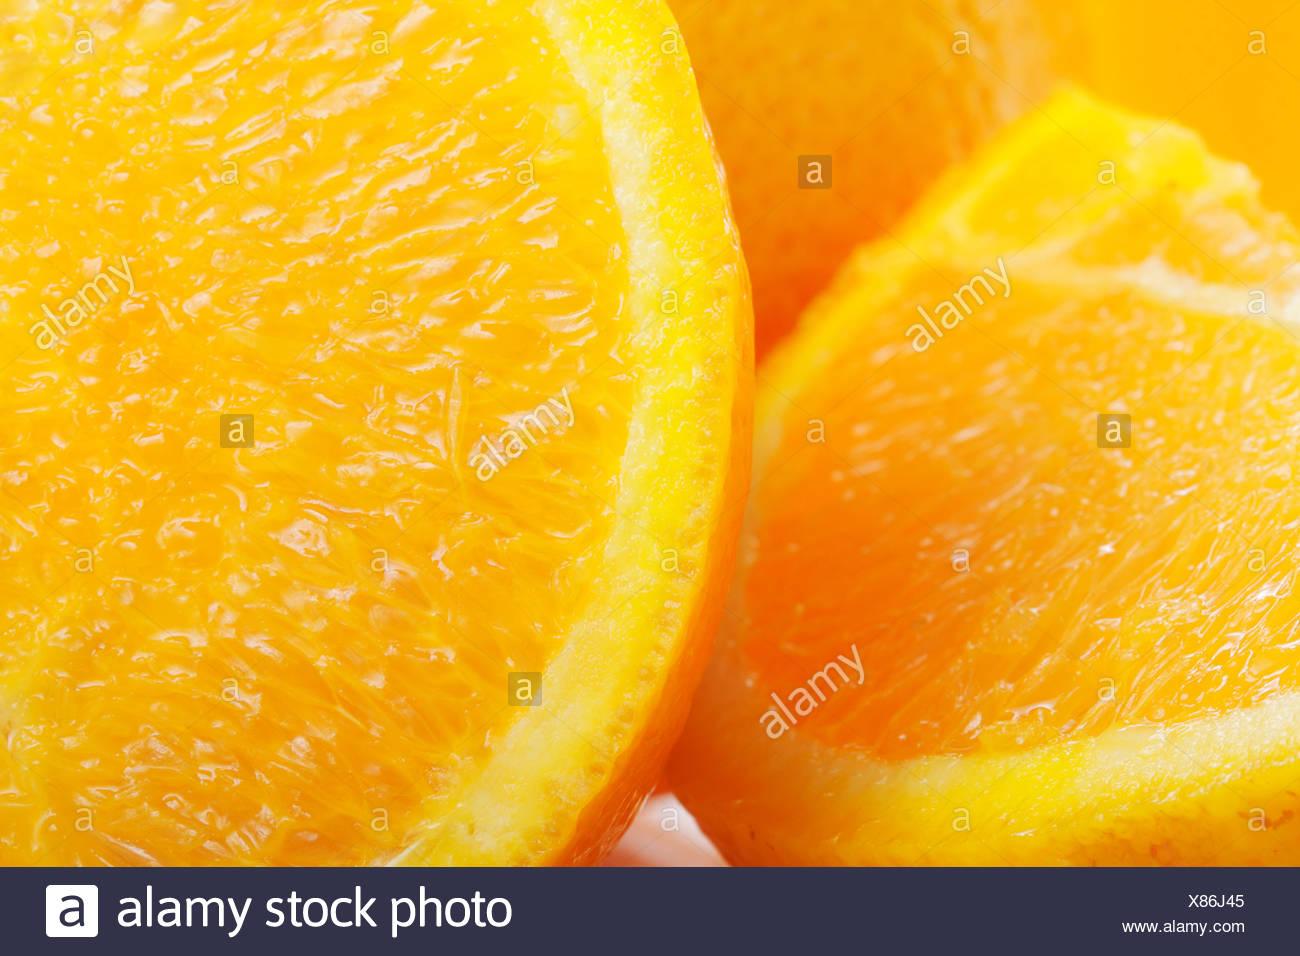 Cut oranges - Stock Image